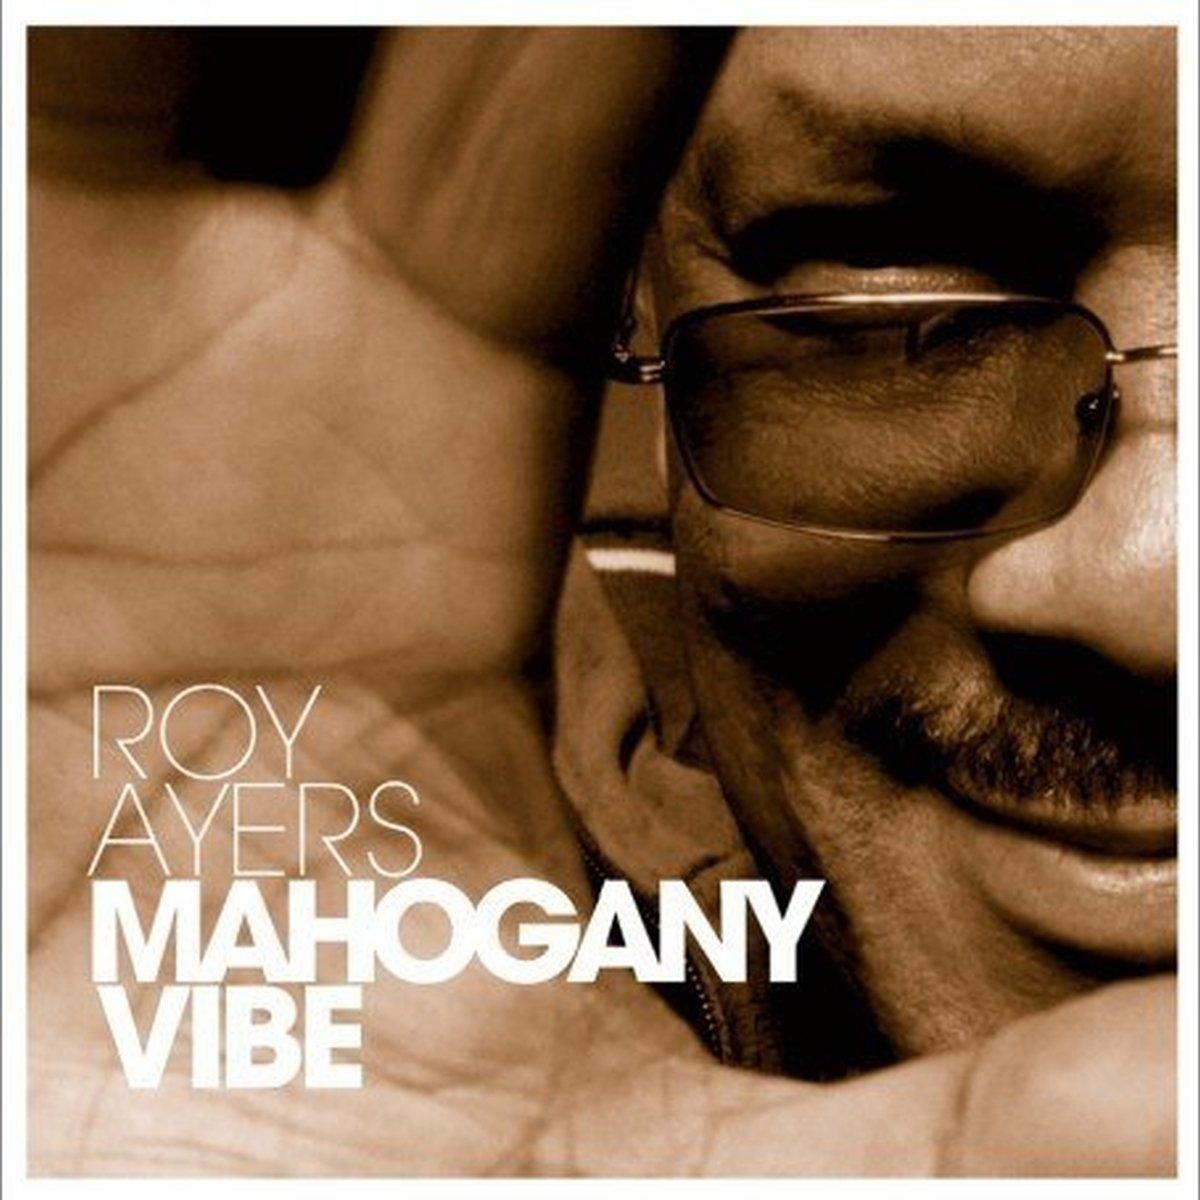 Mahogany Vibe [12 inch Analog]                                                                                                                                                                                                                                                    <span class=